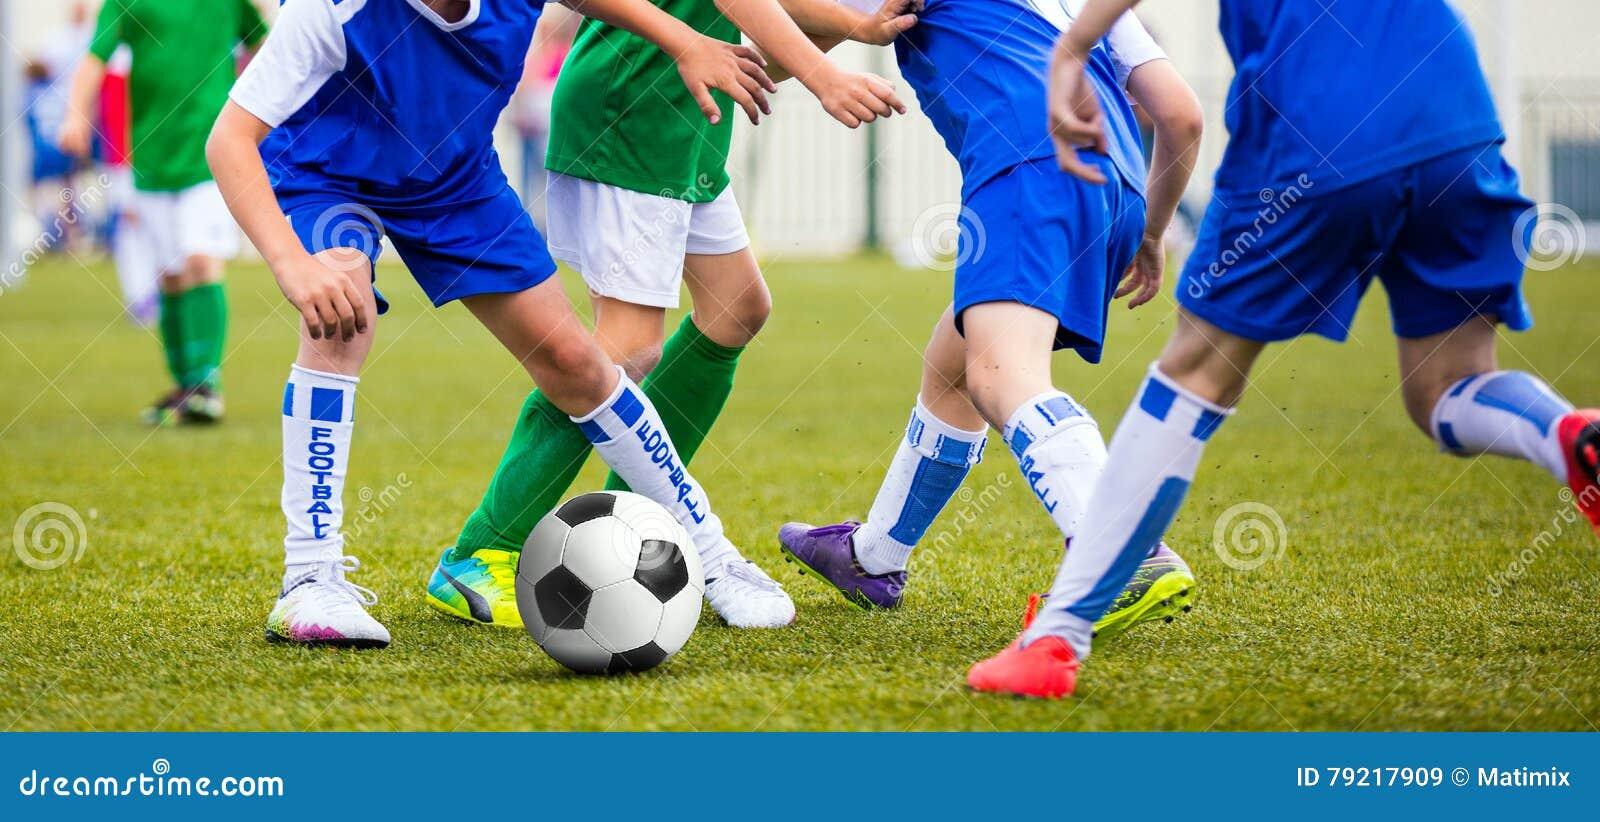 Soccer Game For Kids. Children Kicking Football Ball Stock